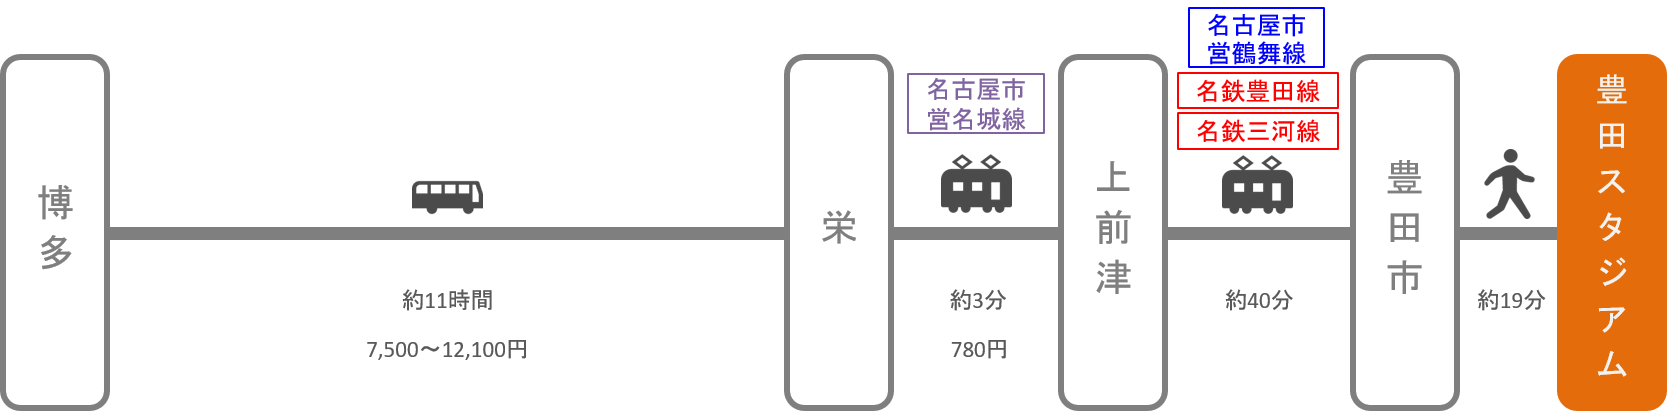 豊田スタジアム_博多(福岡)_高速バス